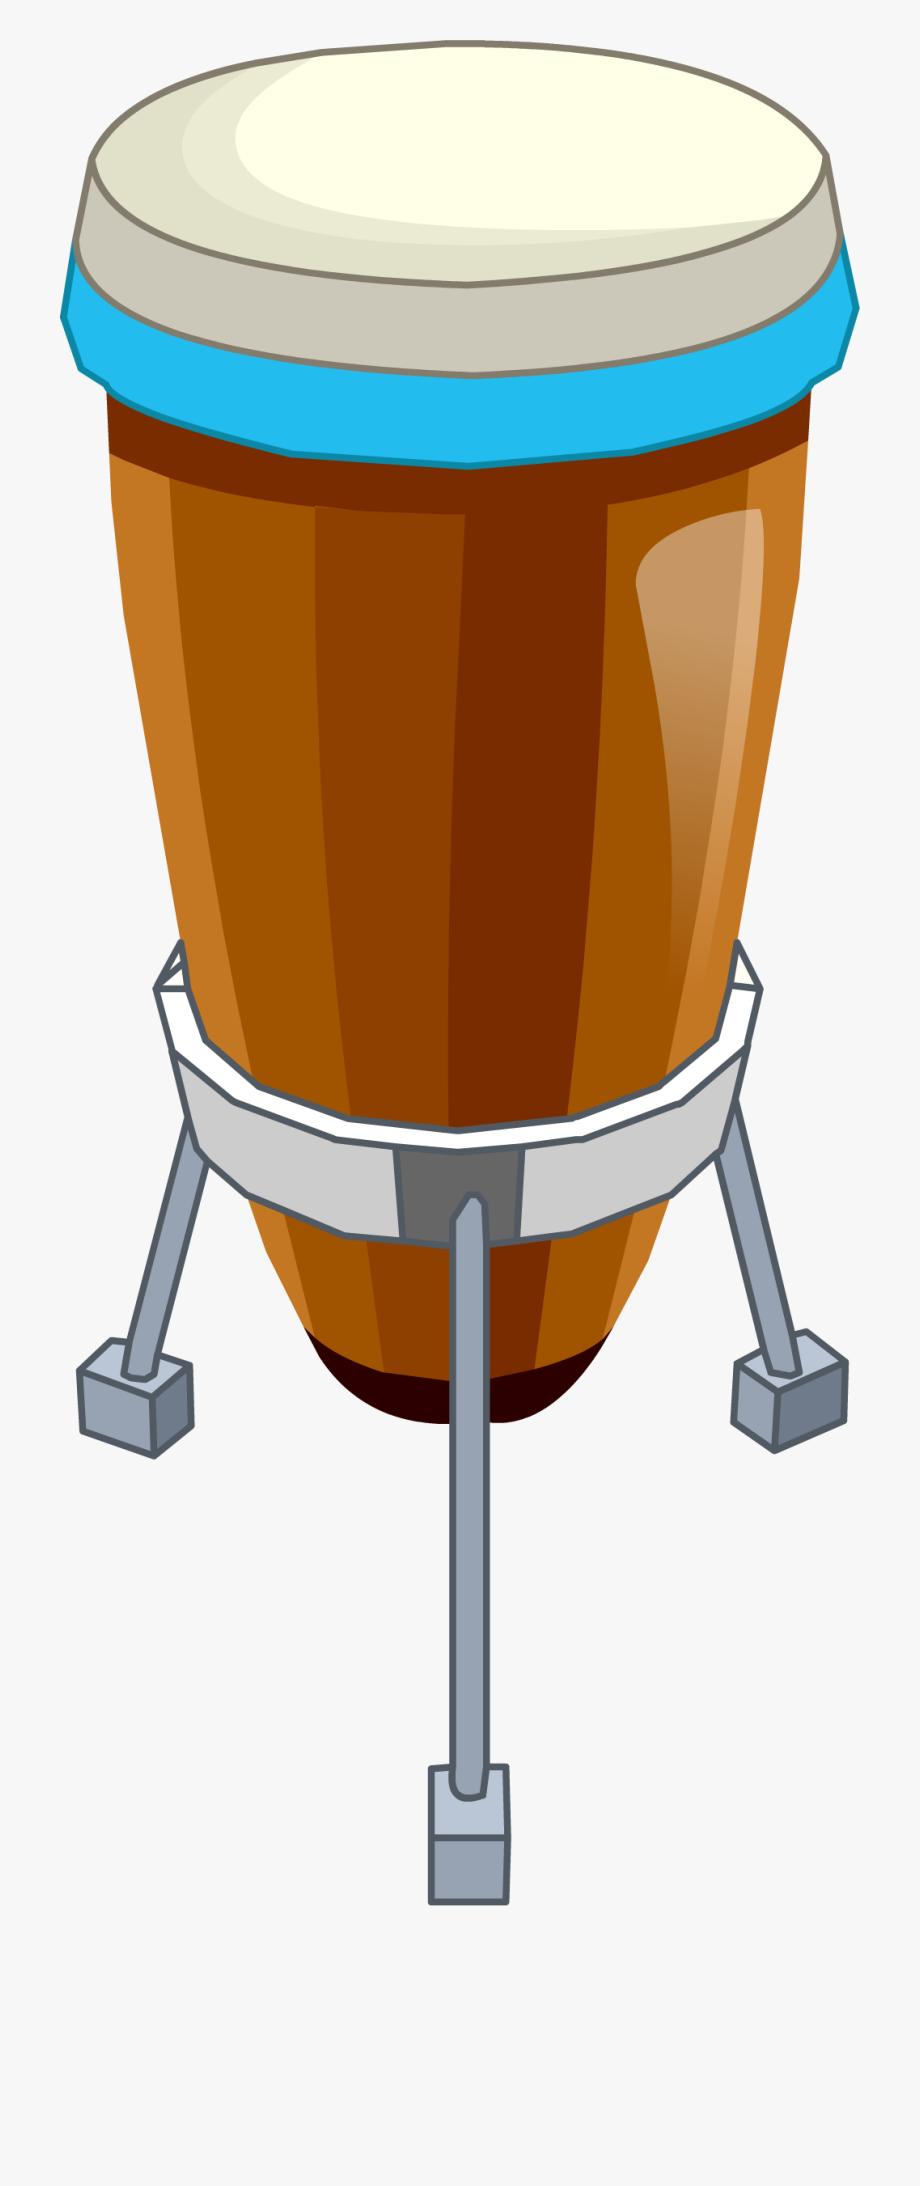 Drum Clipart Conga Drum.